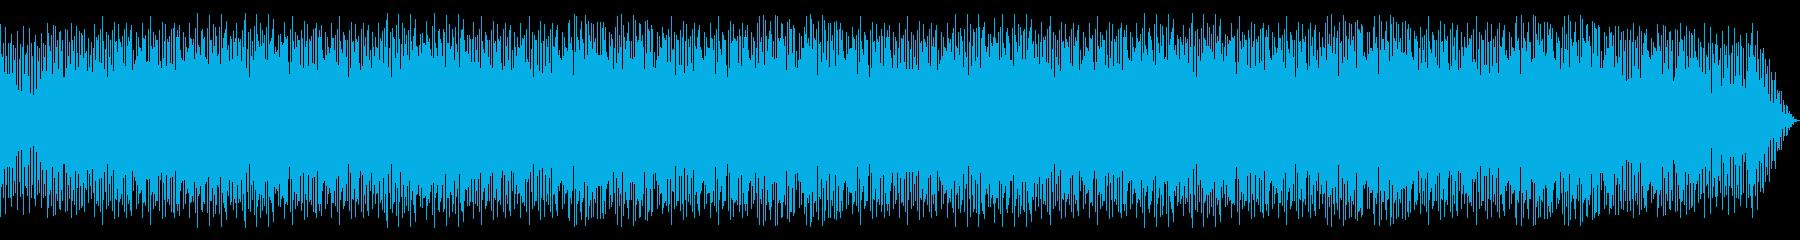 ボサノバ風明るく爽やかで控えめなBGMの再生済みの波形